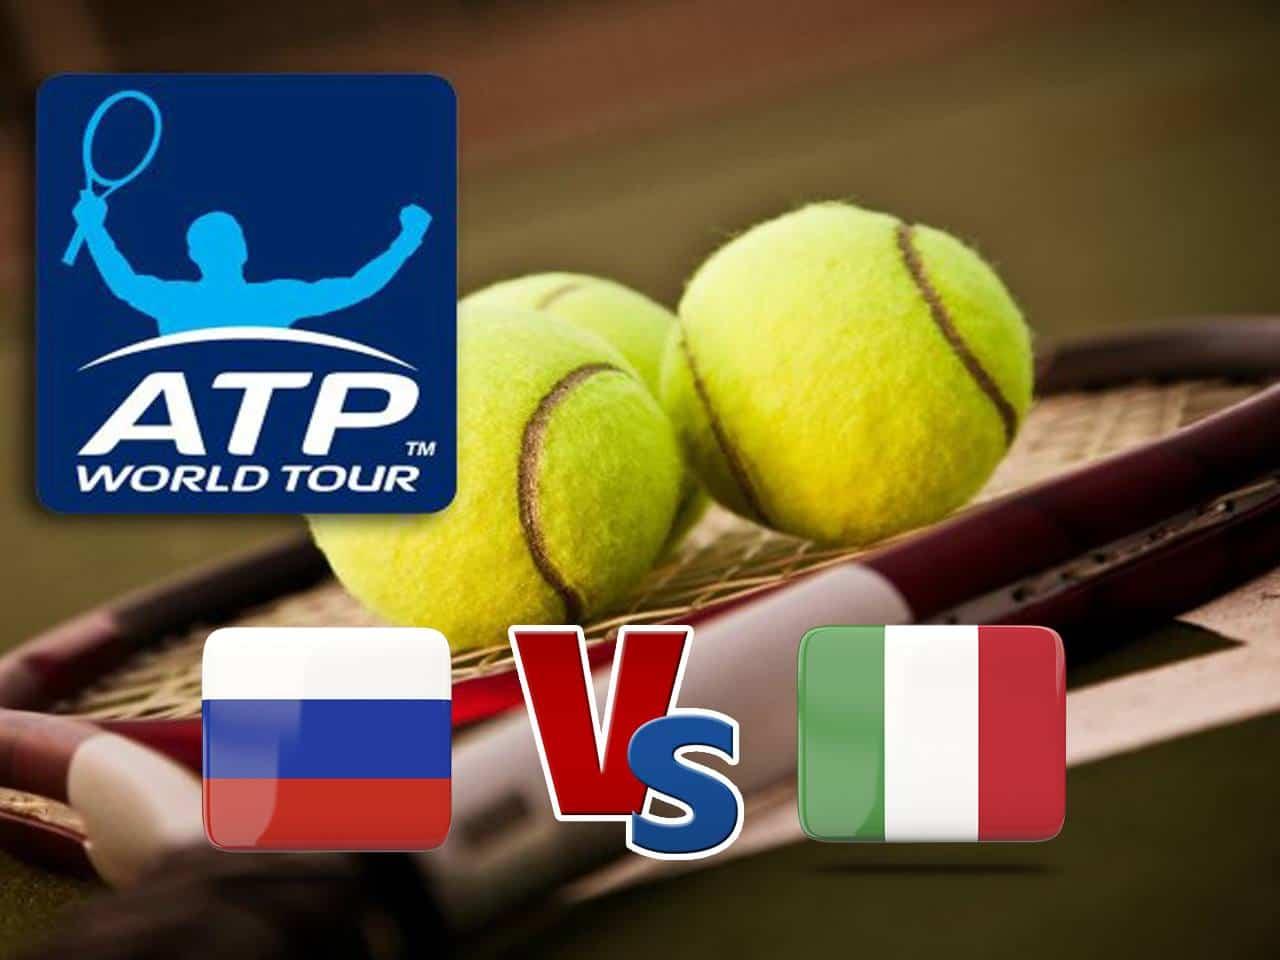 Теннис Кубок АТР Россия Италия Трансляция из Австралии Прямая трансляция в 12:30 на канале